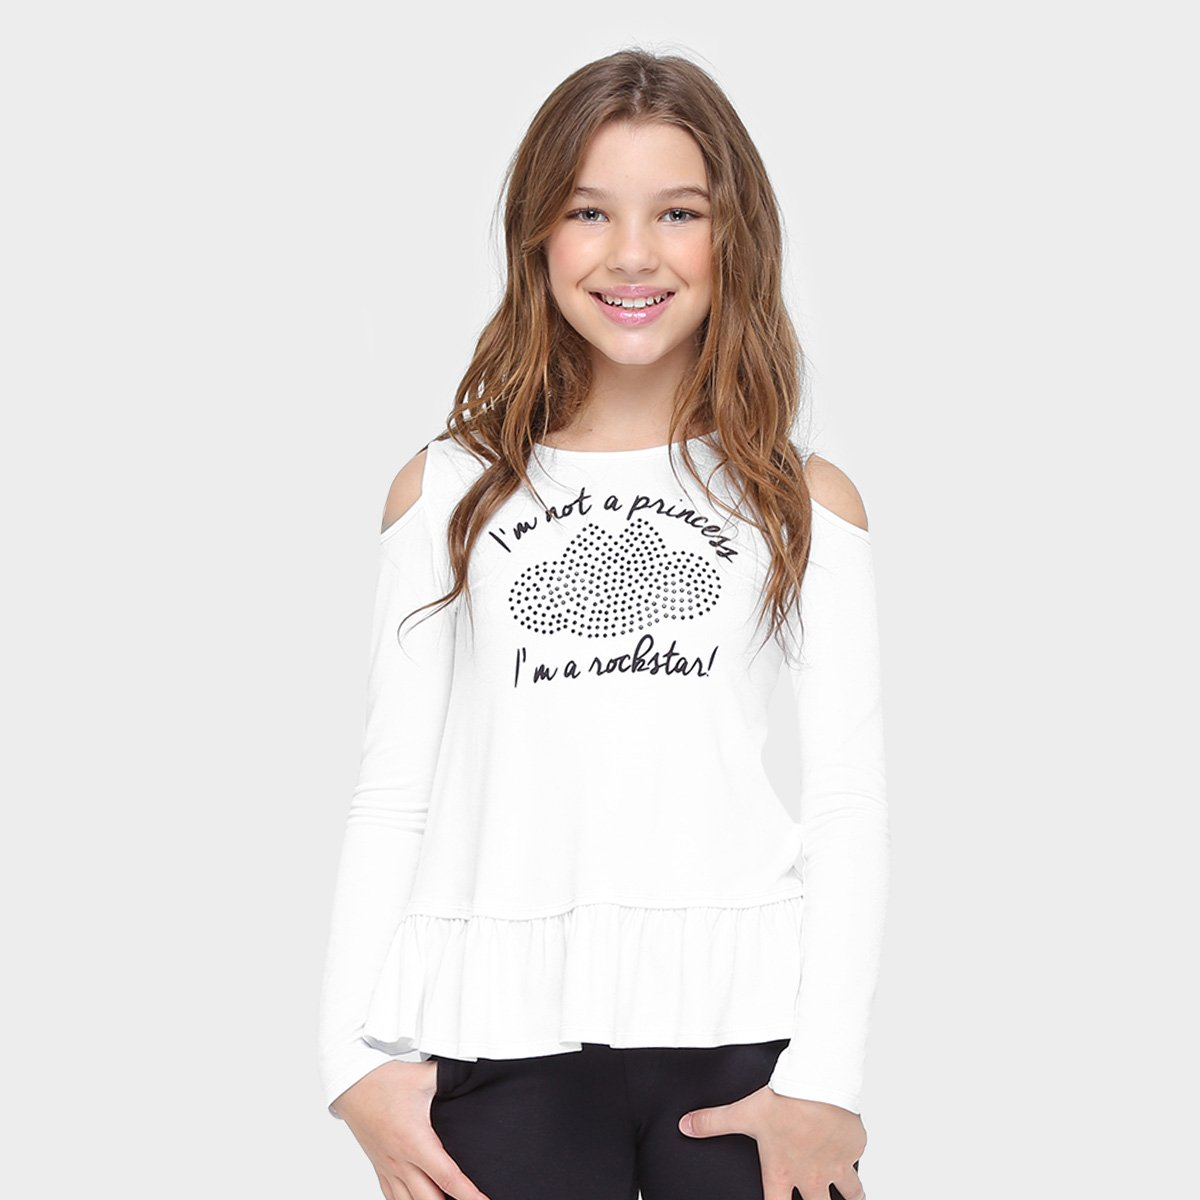 Blusa Infantil Lilica Ripilica Estampada Blusa Estampada Branco Infantil Lilica Ripilica Branco wpwfOq